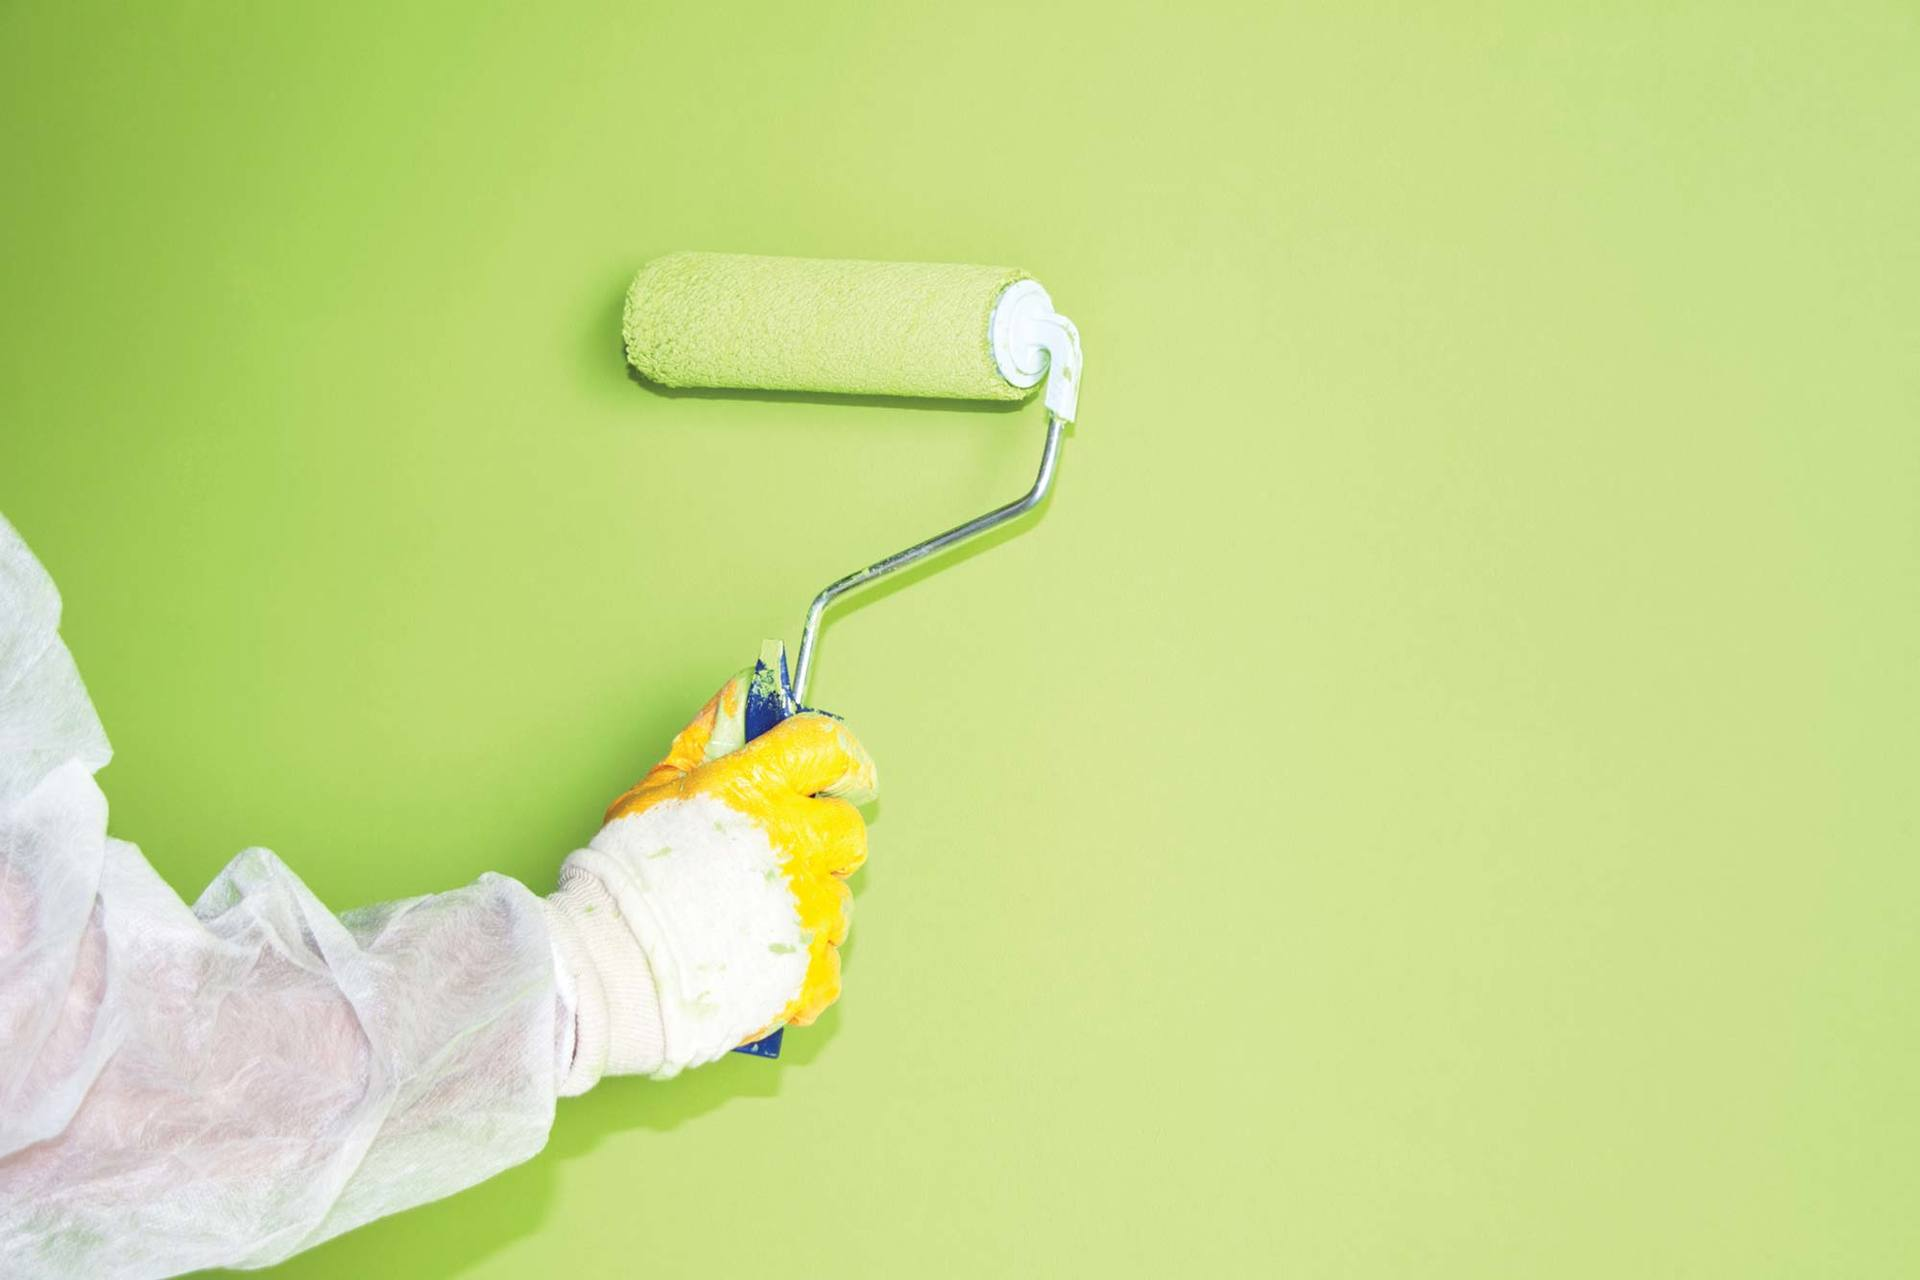 Покраска стен в спецодежде